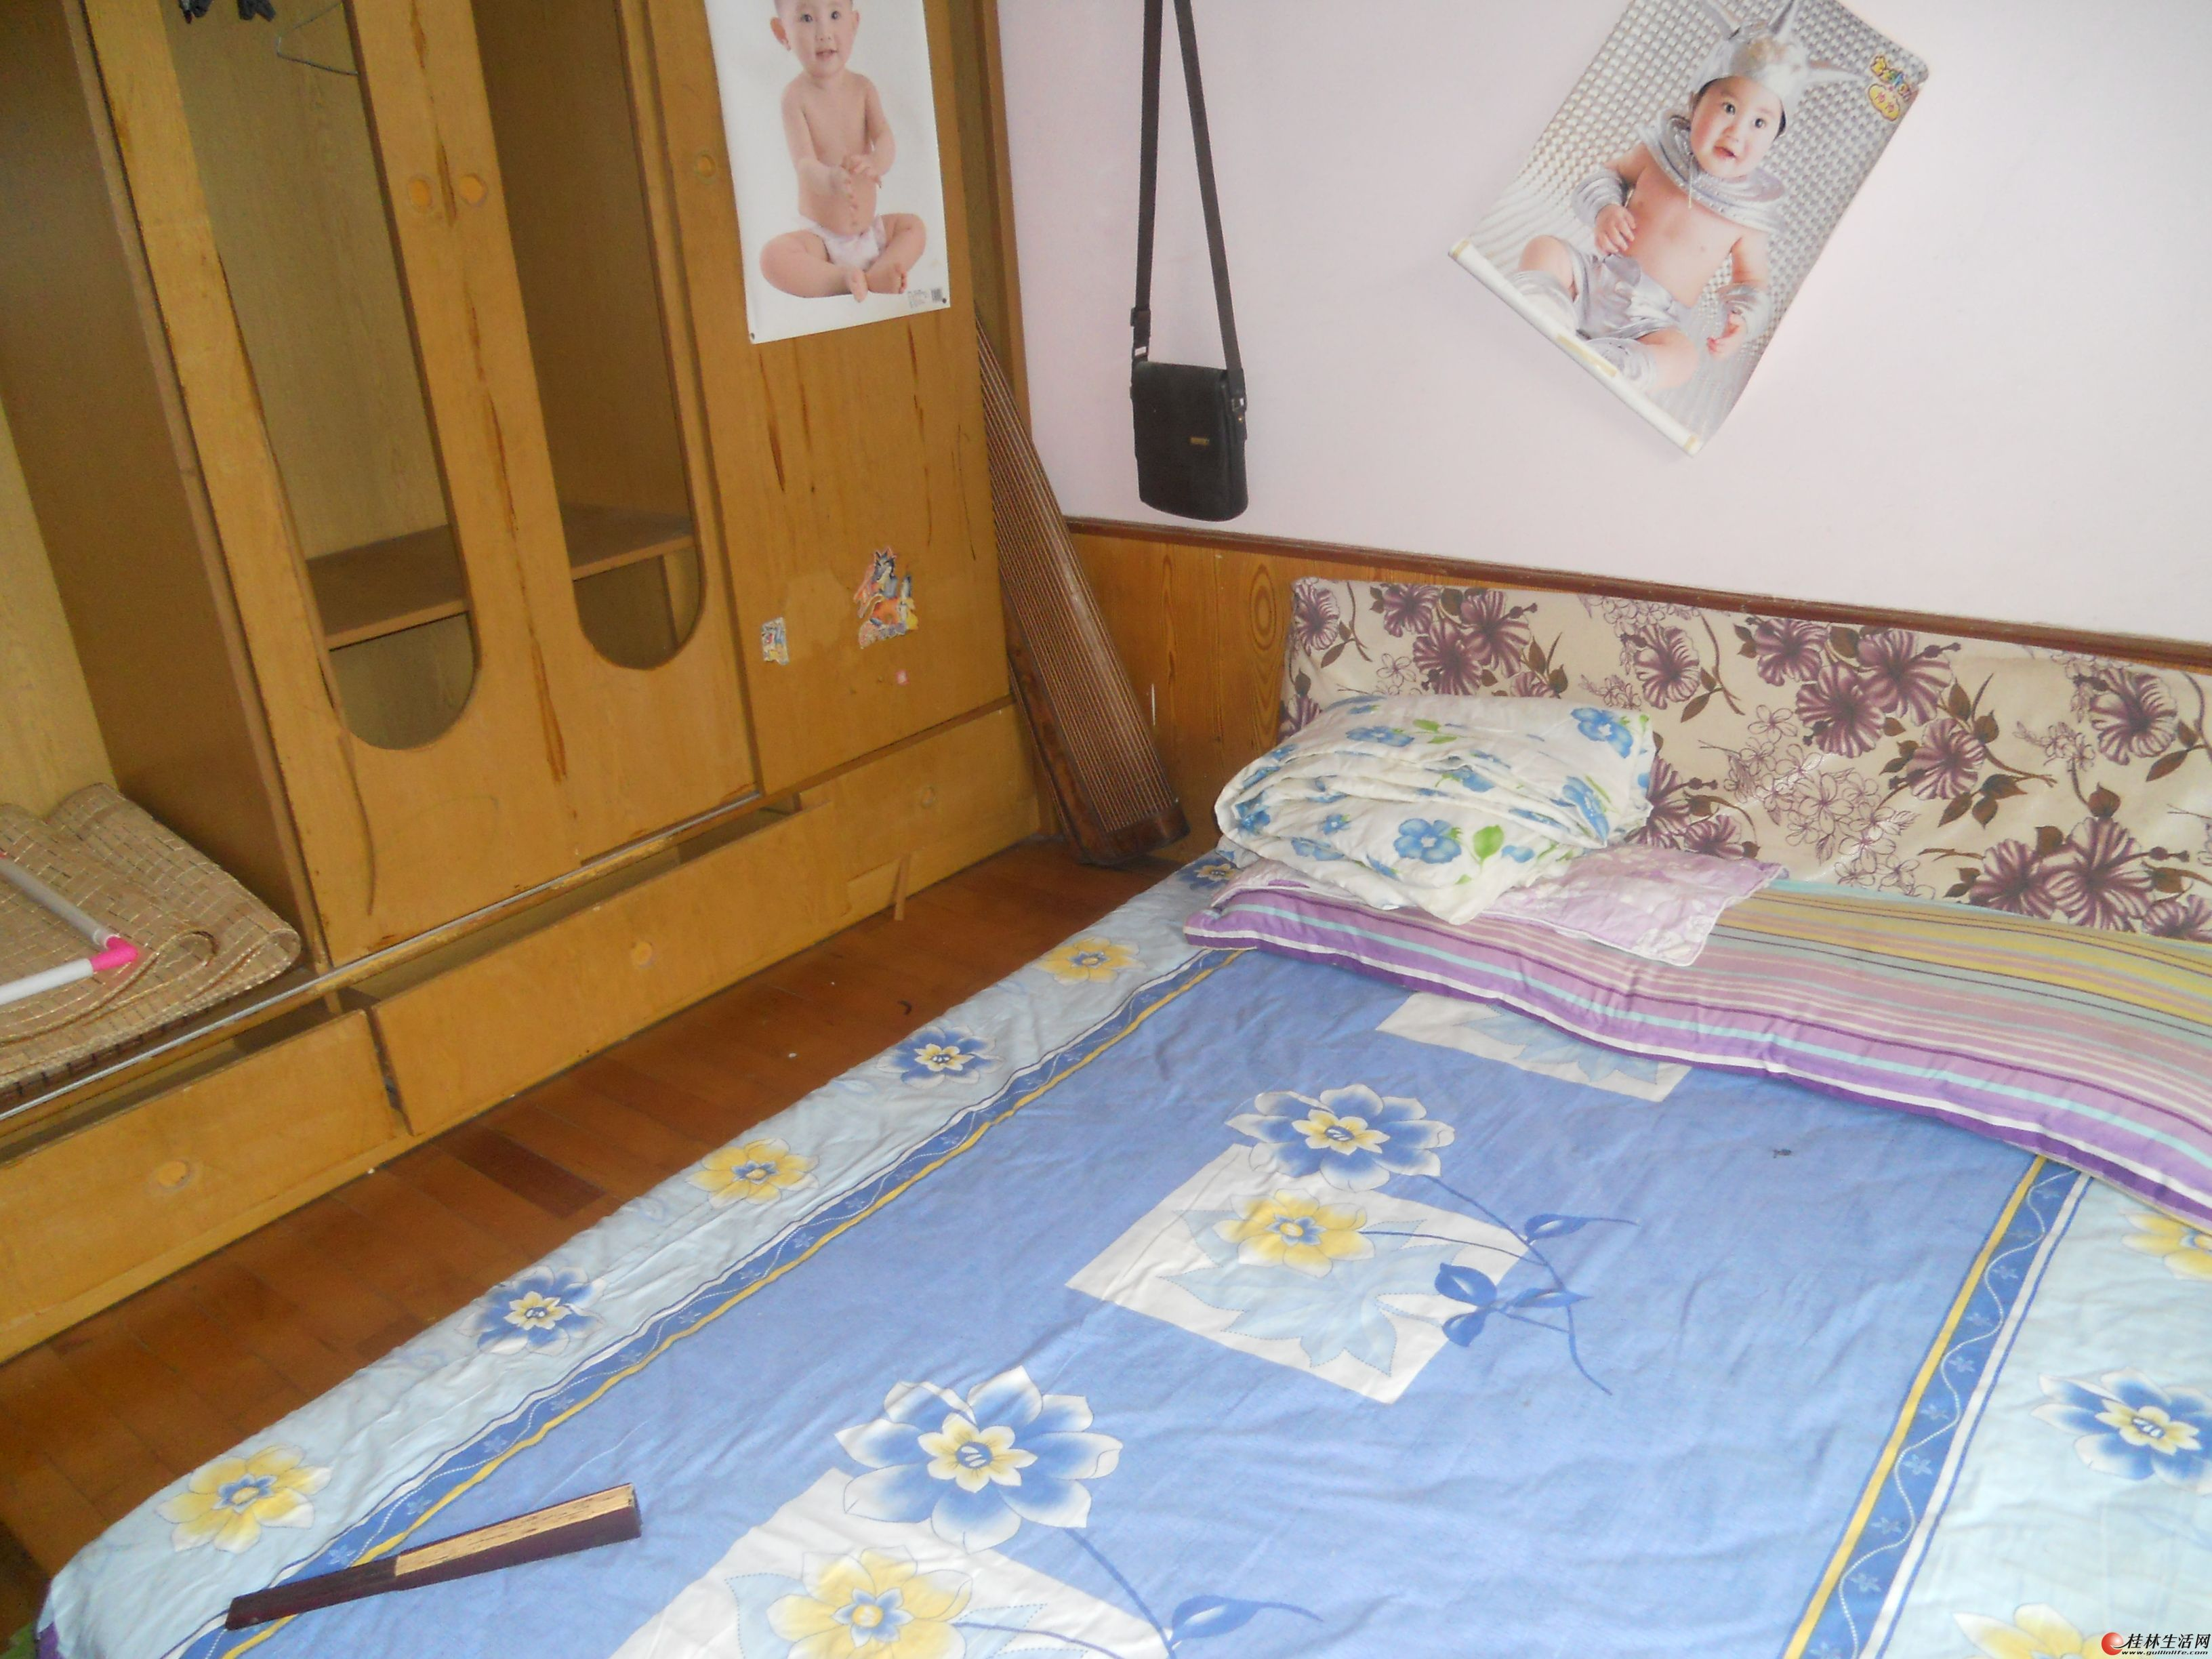 装修 ,有防盗门,防盗窗,房木地板,厅磁砖,房子宽敞明亮,舒适,干